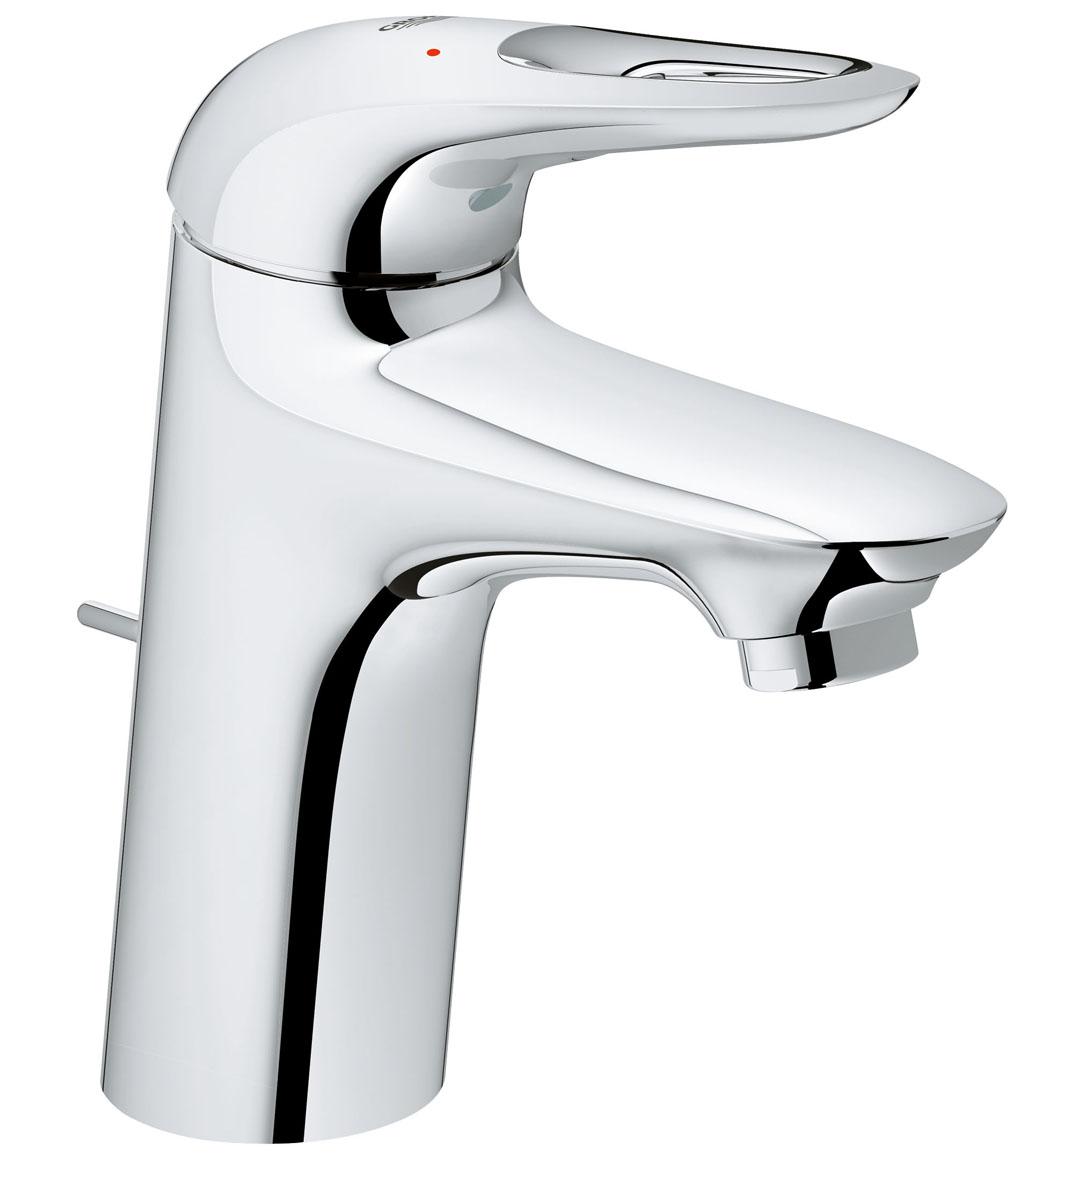 Смеситель для раковины Grohe Eurostyle New, с донным клапаном68/5/1Этот однорычажный смеситель Grohe Eurostyle New легок и интуитивно понятен в использовании, что делает его идеальным решением для семейных ванных комнат со стандартными раковинами. Также он имеет встроенную водосберегающую технологию. Если вы ищете смеситель для ванной, который соответствует чистому современному дизайну, этот моноблочный смеситель Grohe Eurostyle New станет идеальным выбором для вас, с его множеством полезных функций, включая SilkMove для плавной работы картриджа смесителя и водосберегающую технологию EcoJoy. Предназначенная для легкого и быстрого монтажа на одно отверстие, эта модель идеально подойдет для вас.